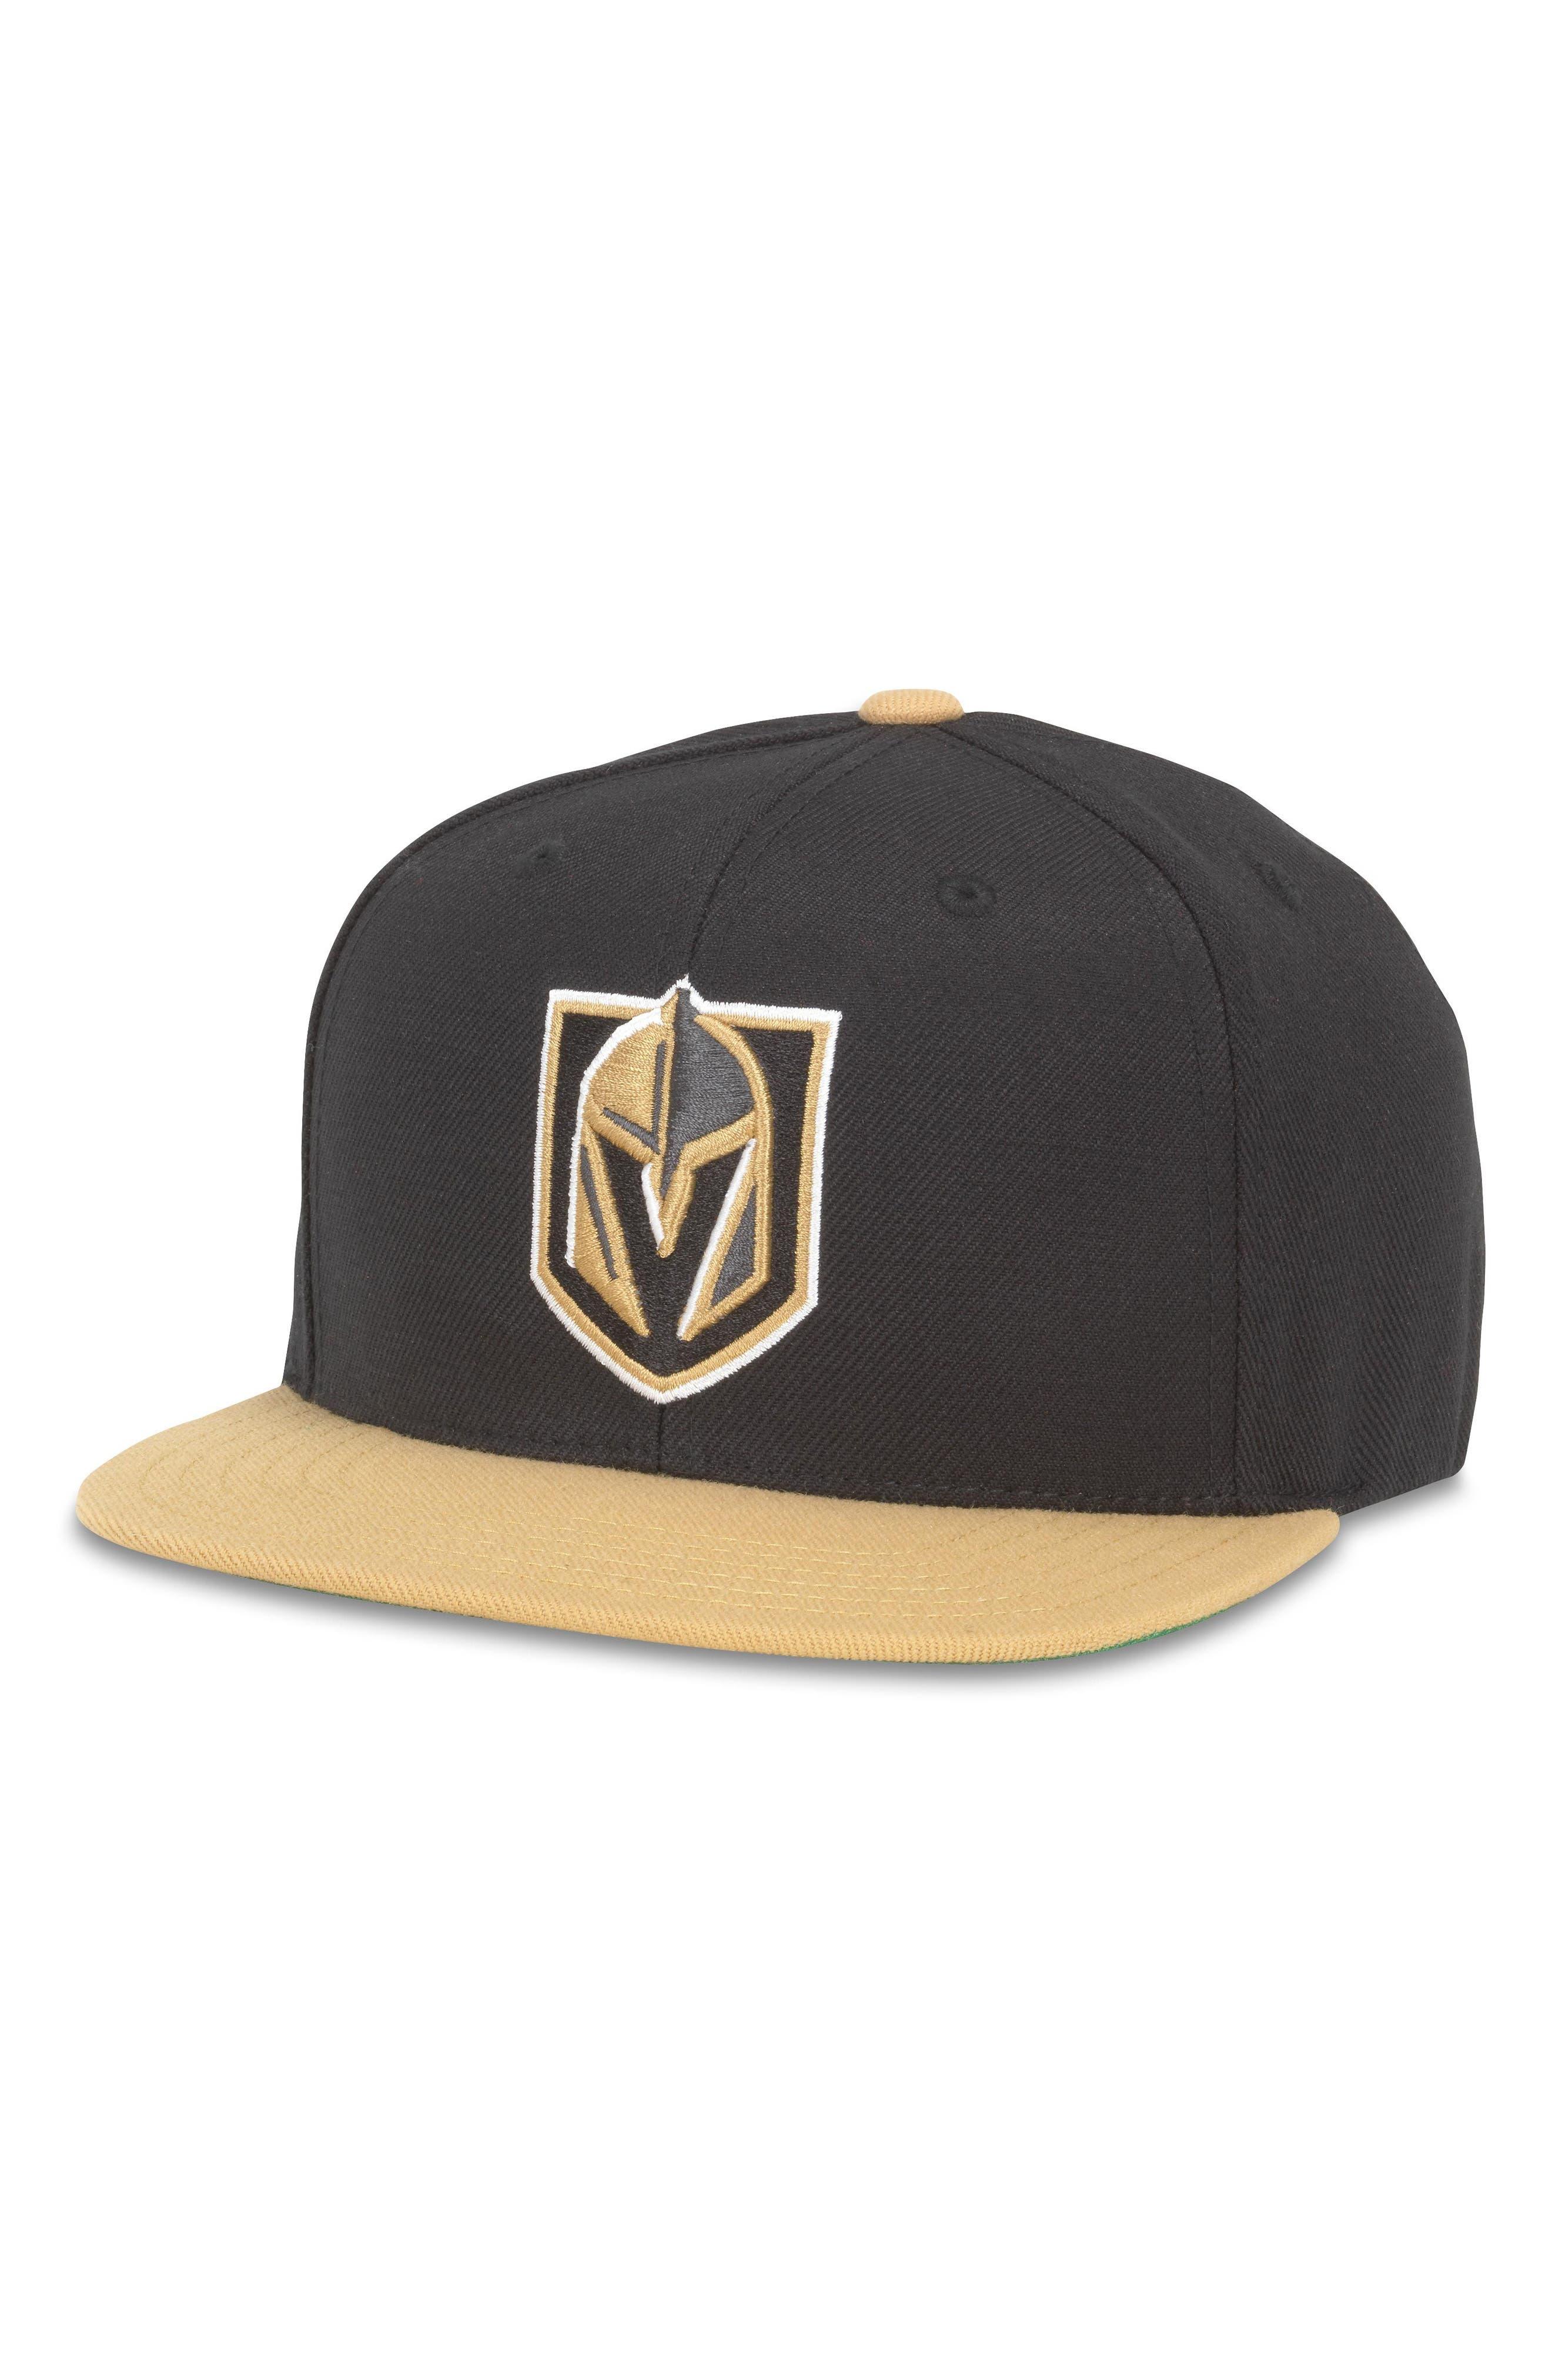 41e0feaf5a4 American Needle Baseball Hats   T-Shirts